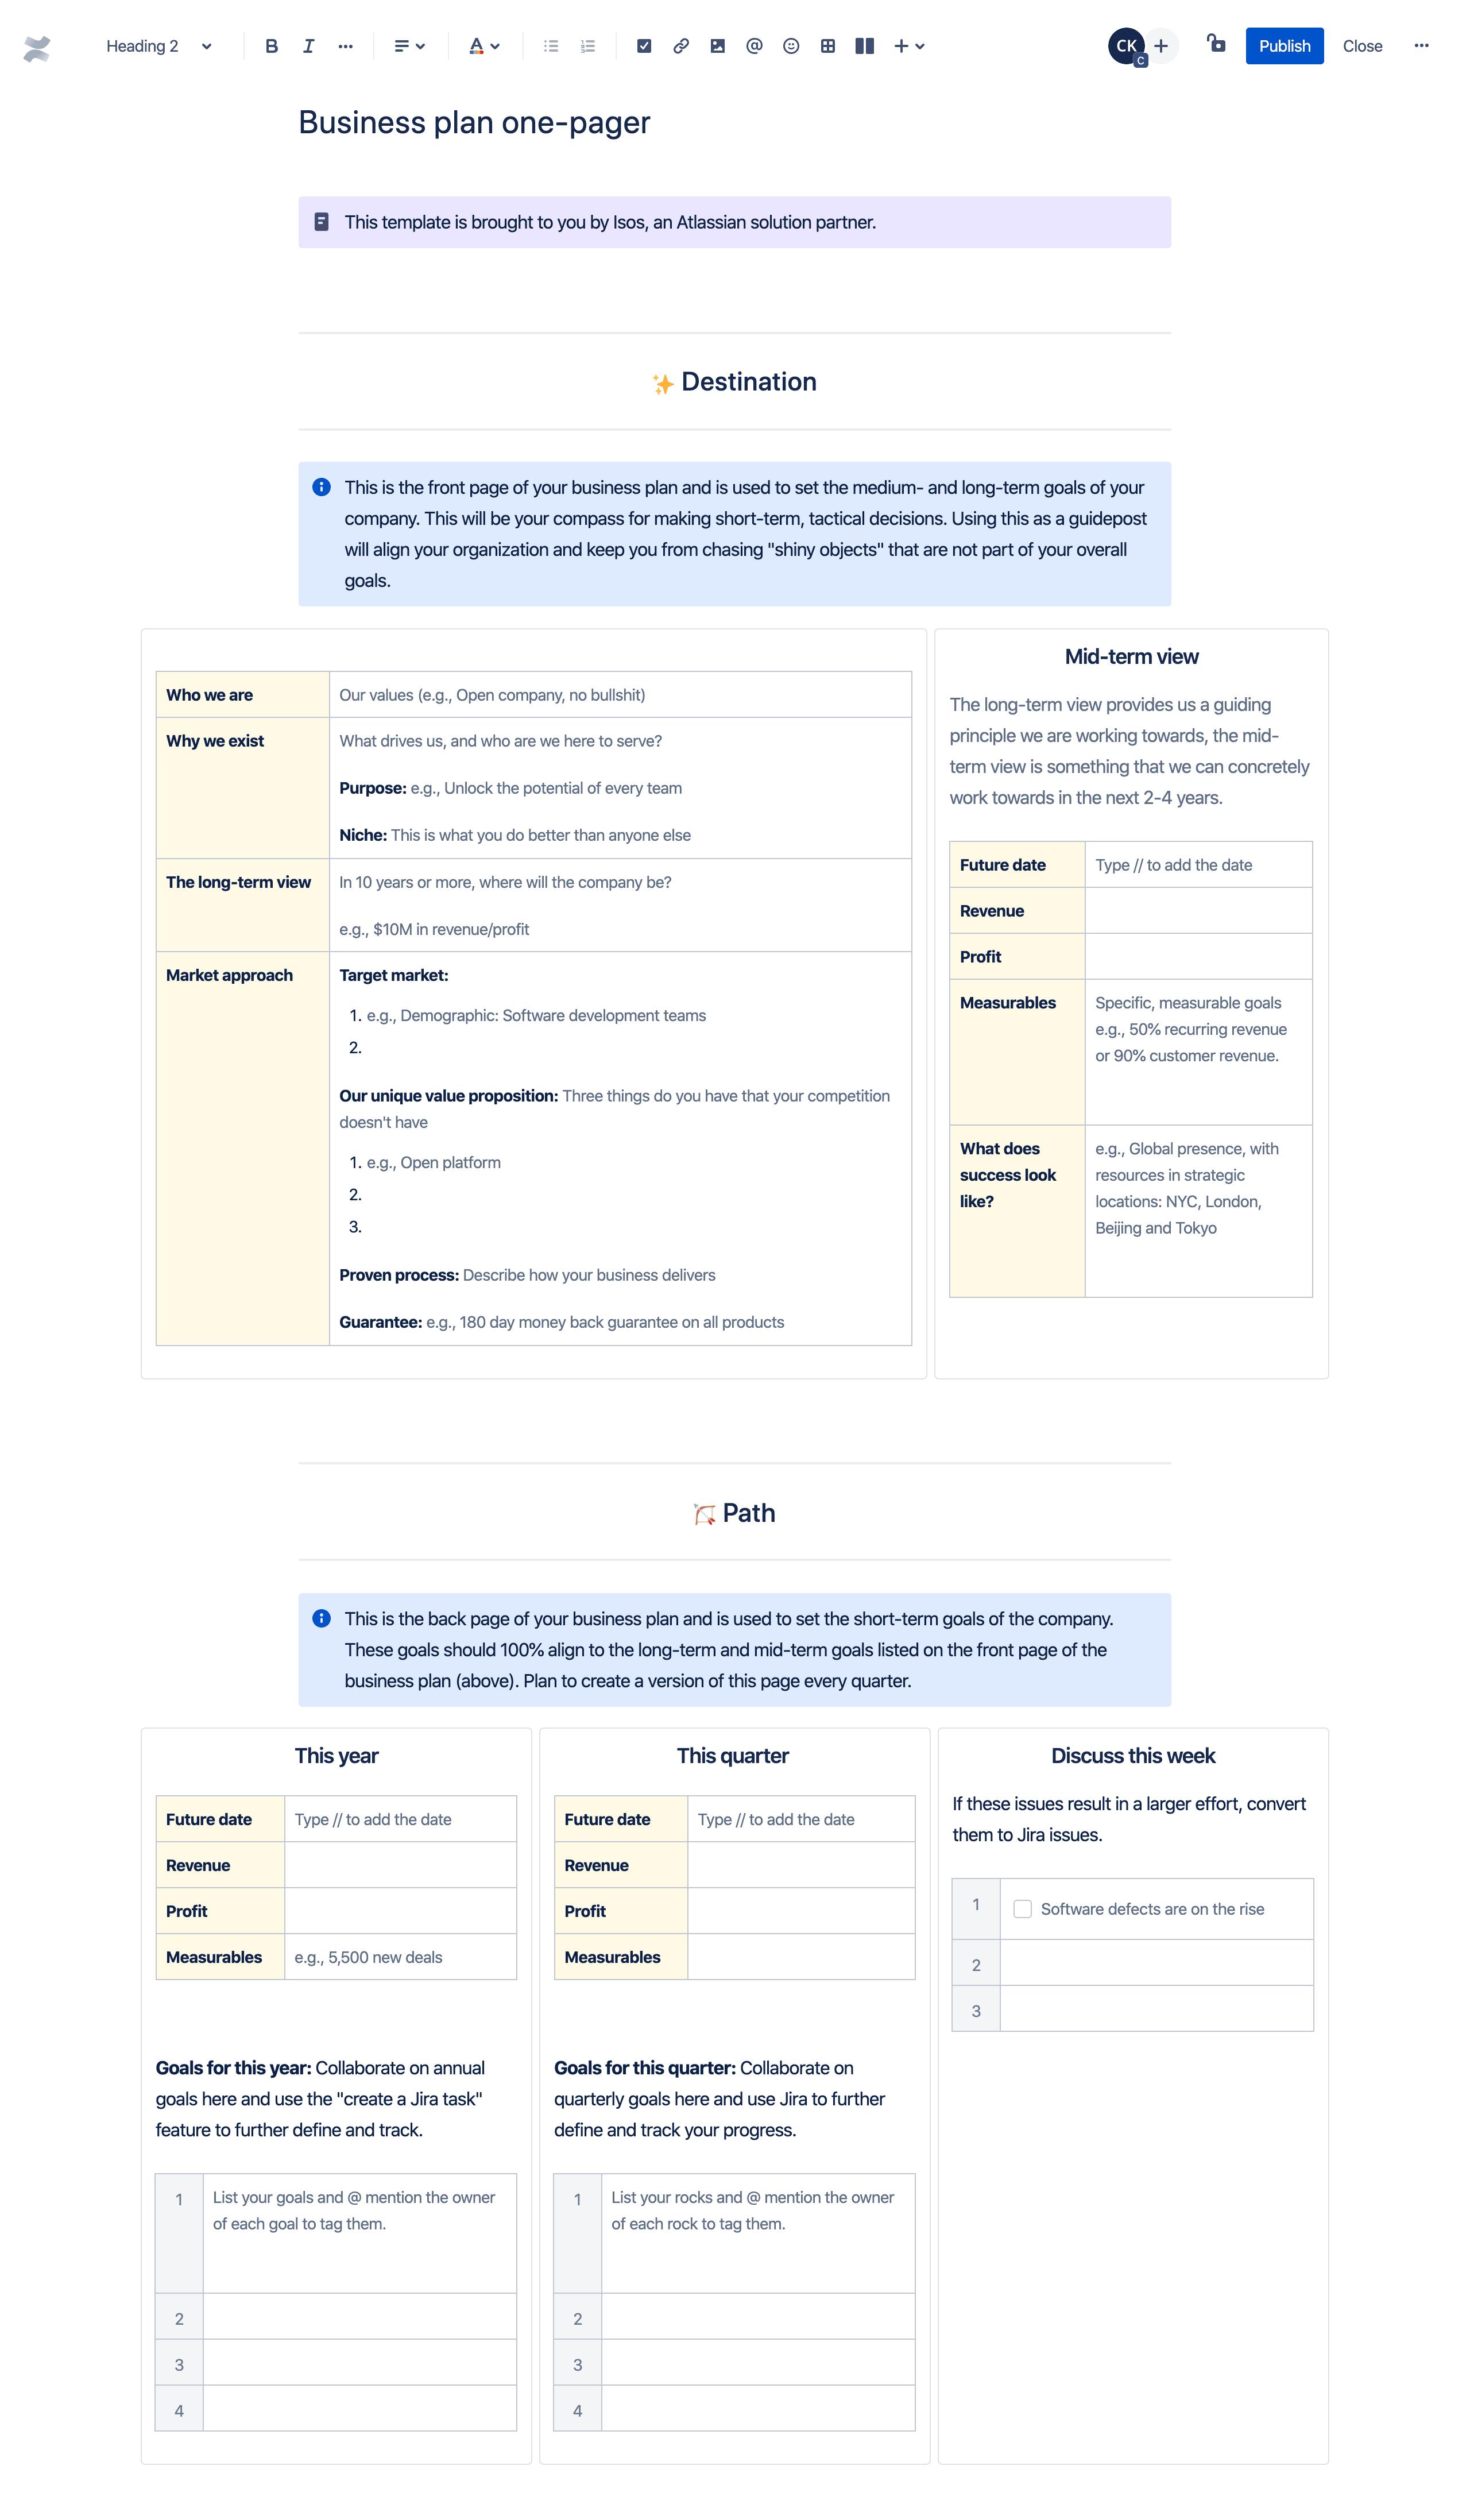 业务计划单页模板